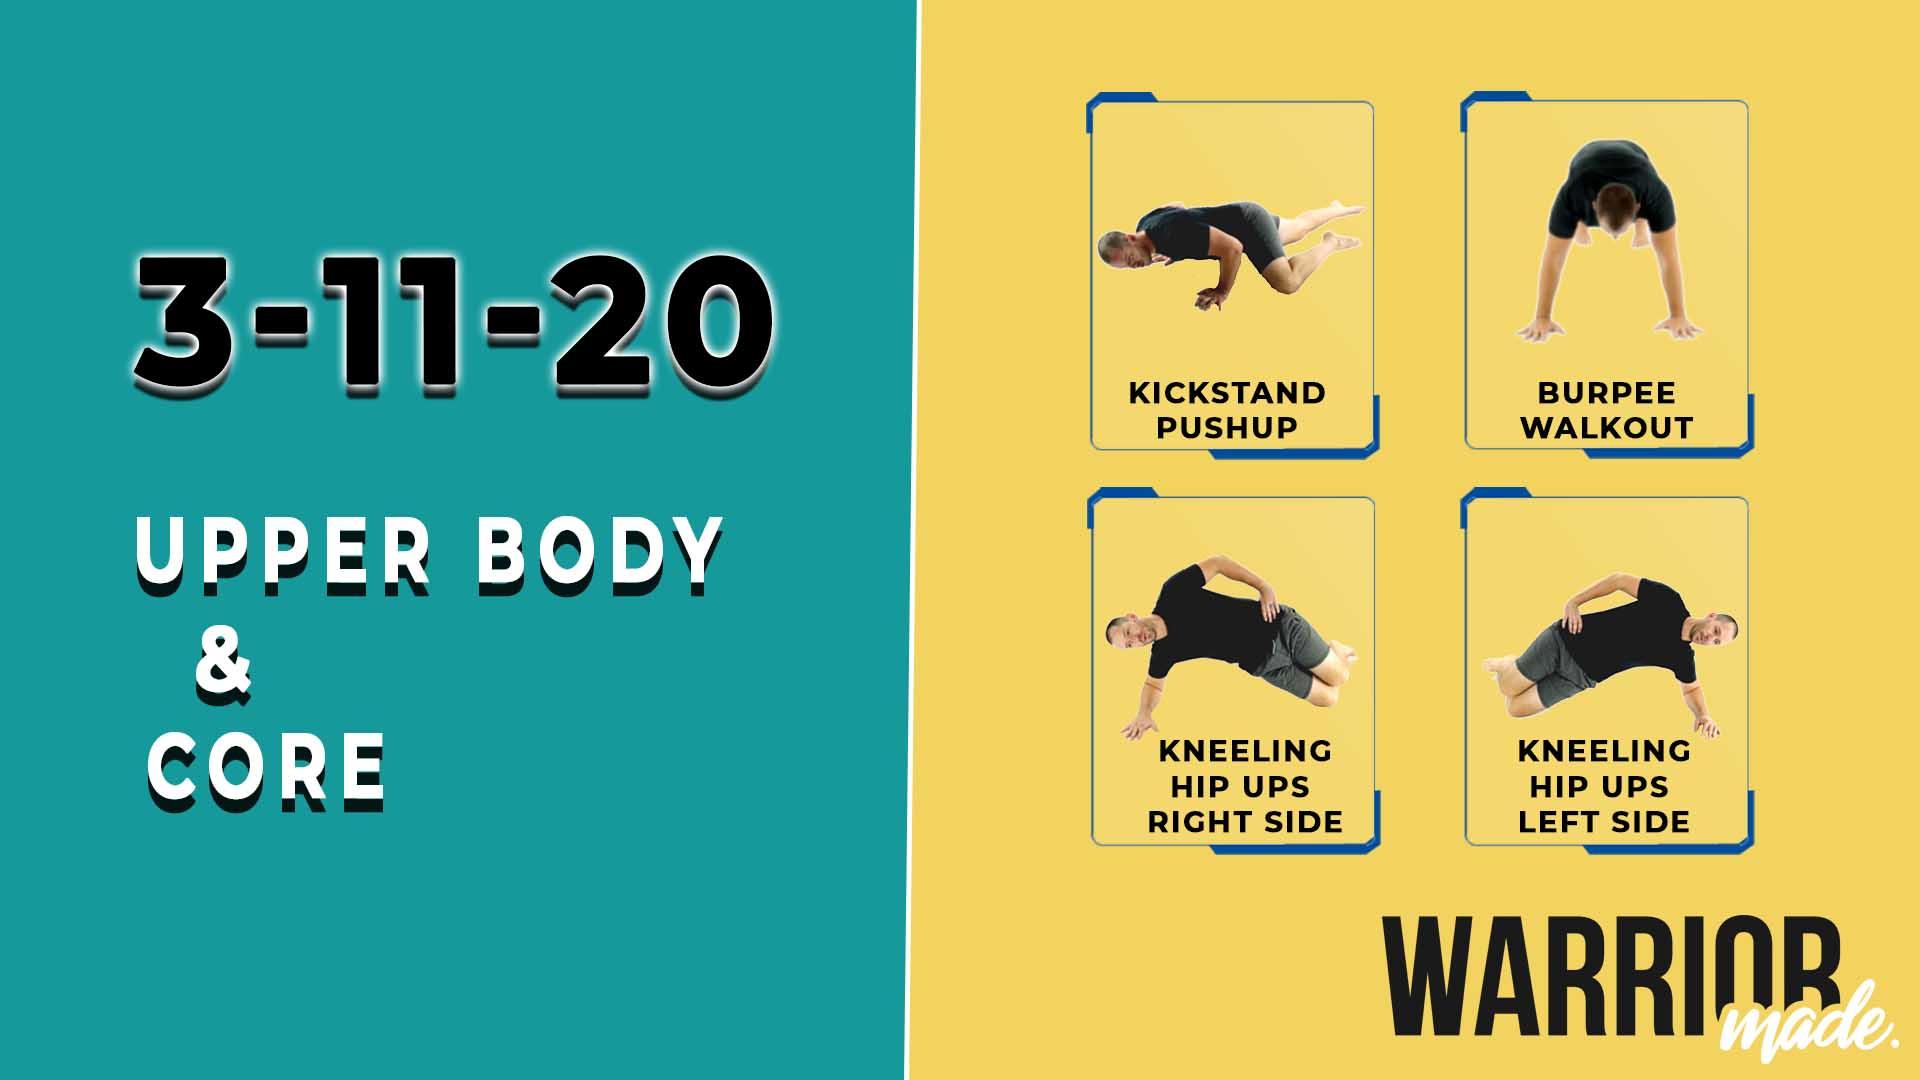 workouts-03-11-20